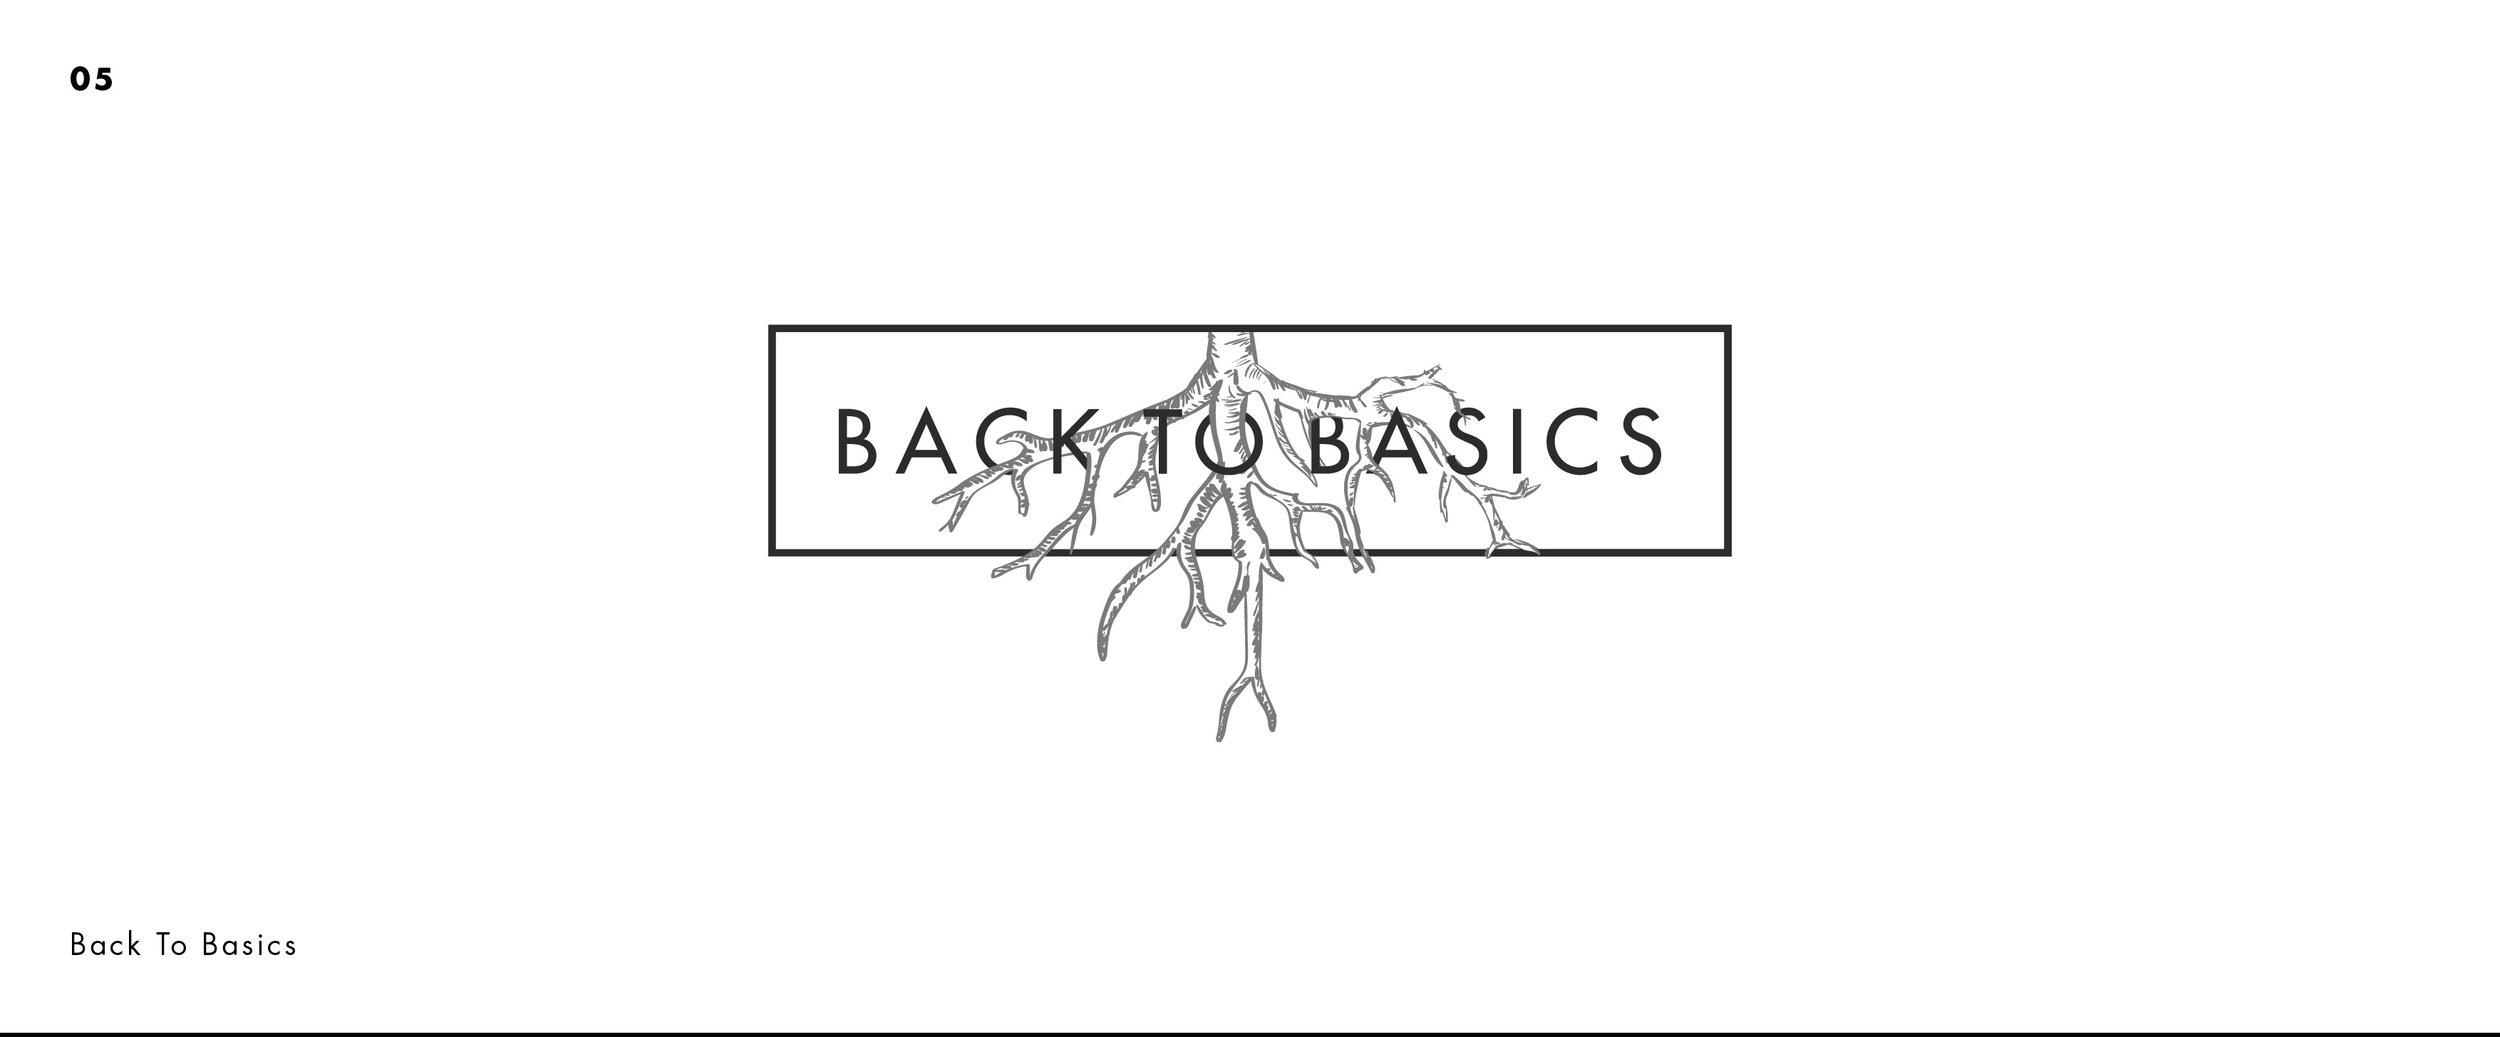 Back to basics.jpg